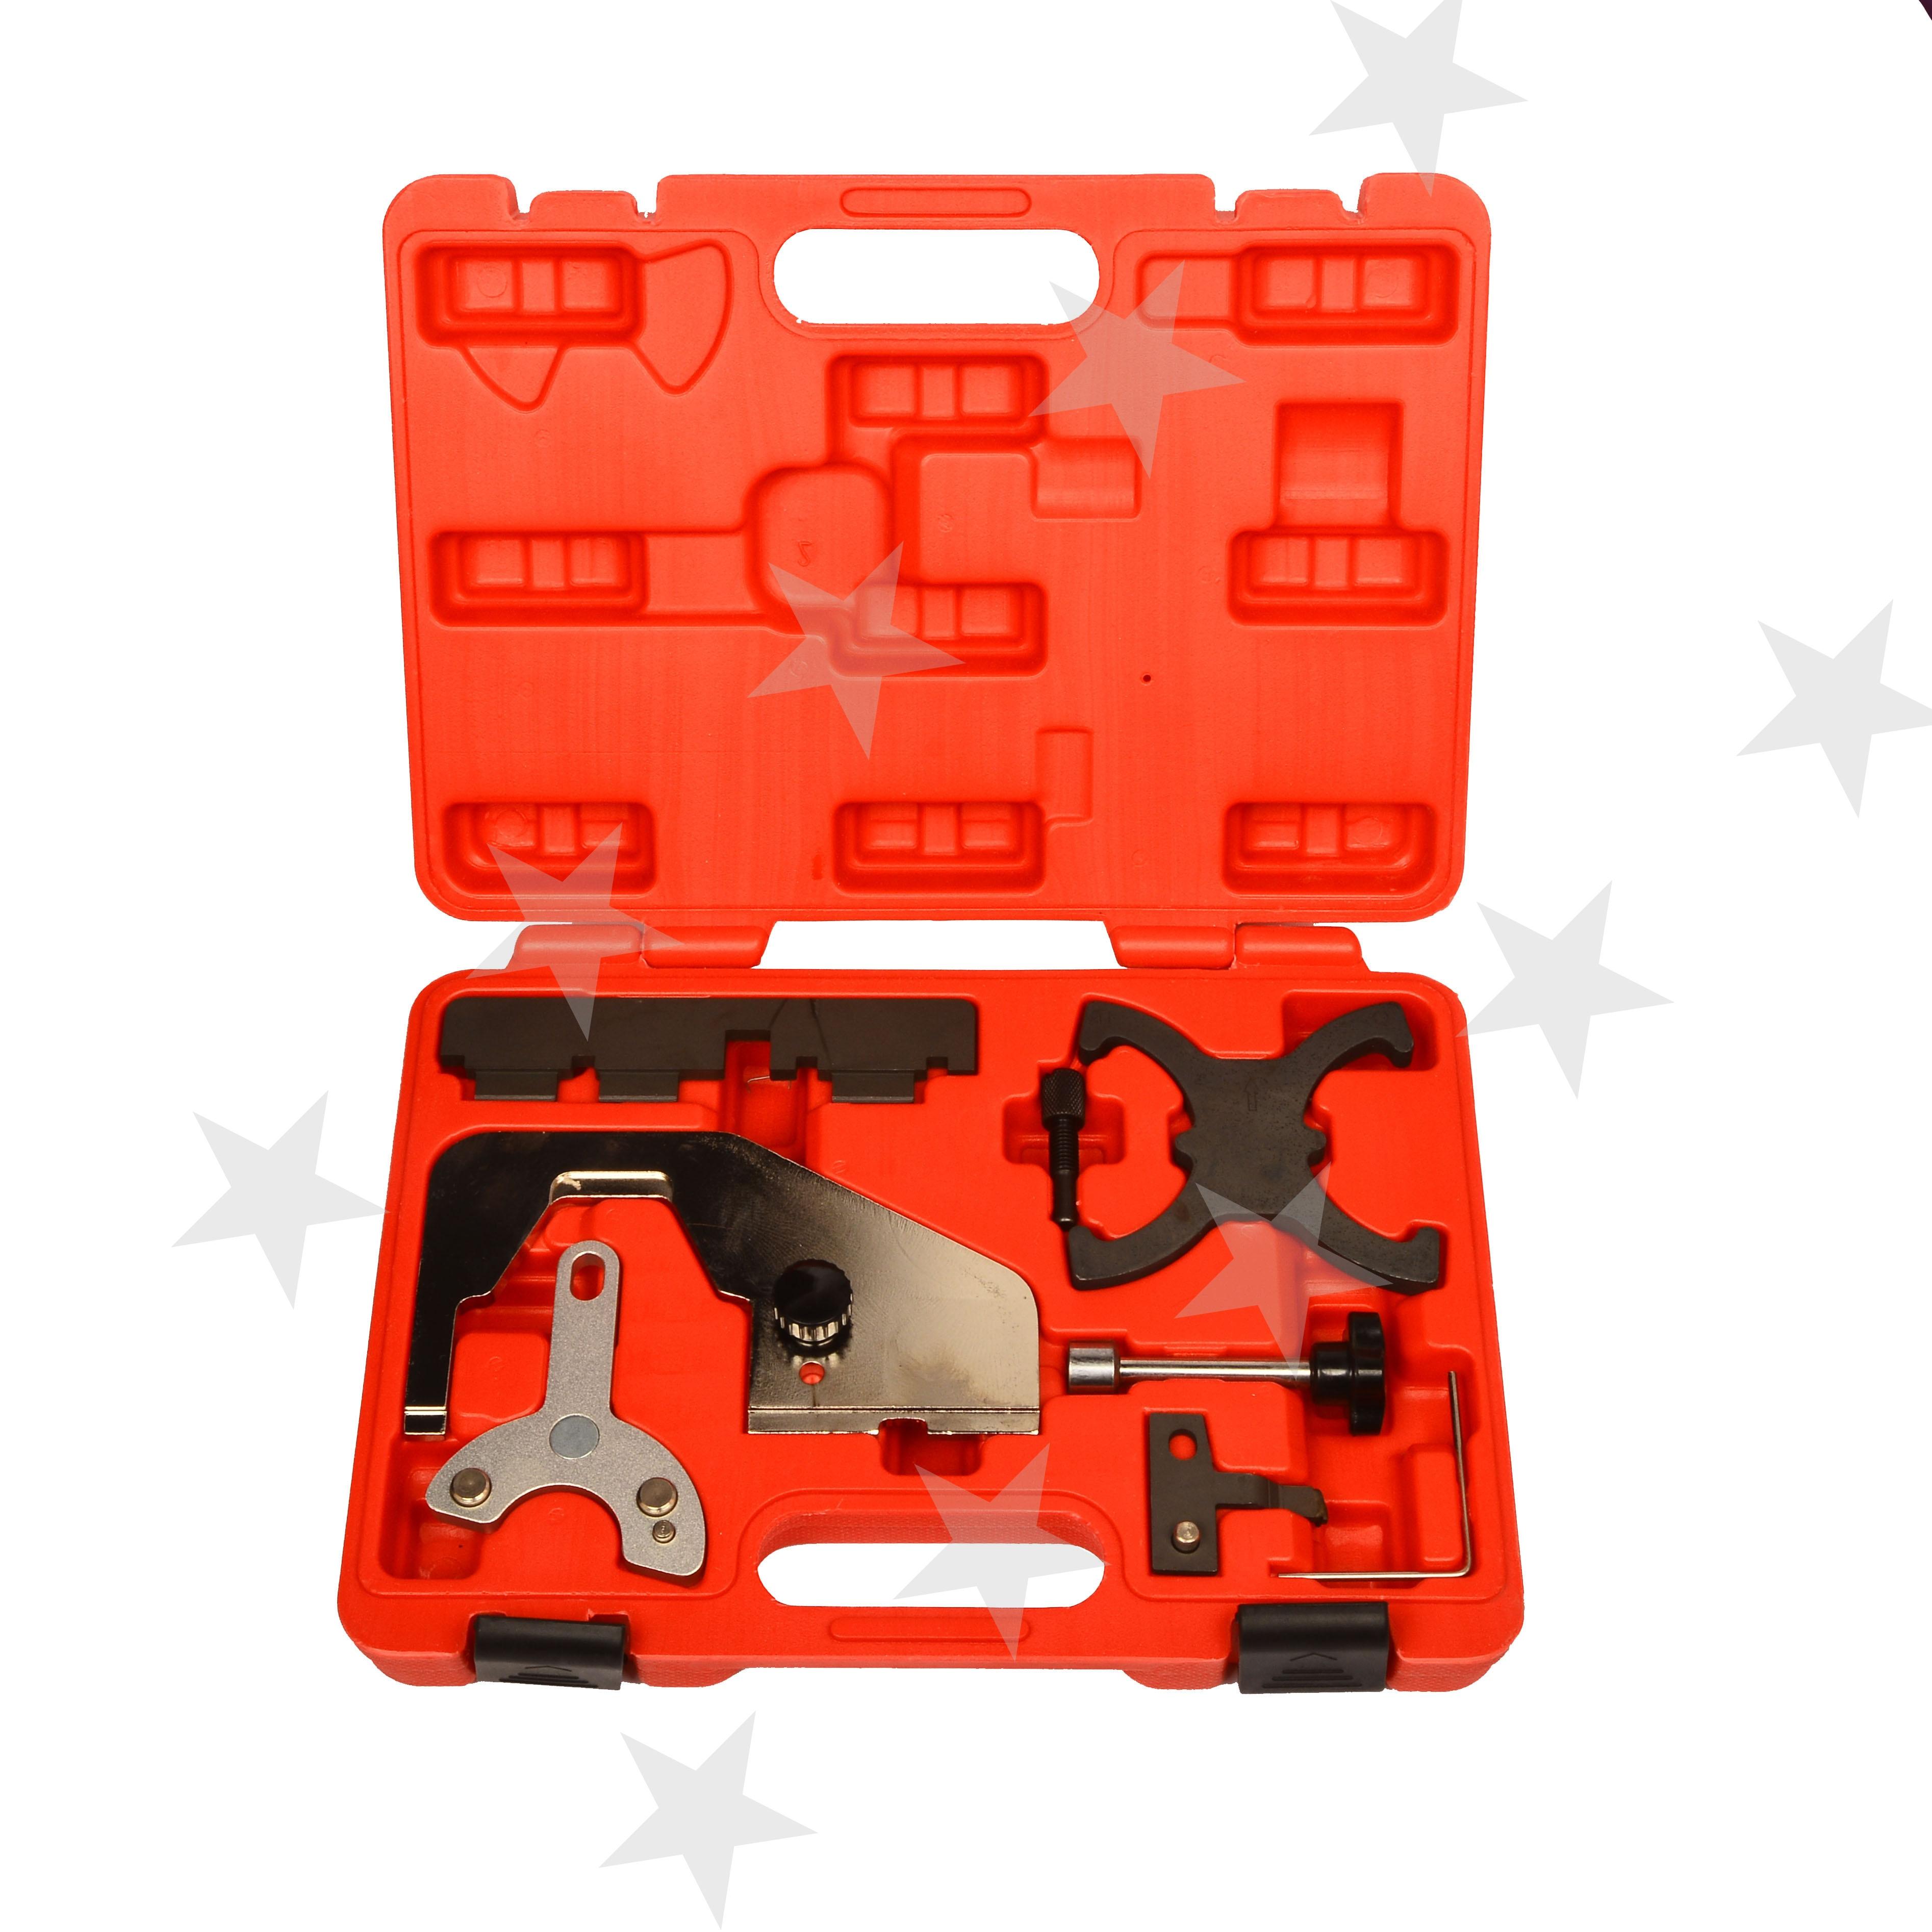 Kit D'outils De Synchronisation de moteur Pour Volvo 1.6L 2.0L T4 T5 S60 S80 V40 V60 V70 XC60